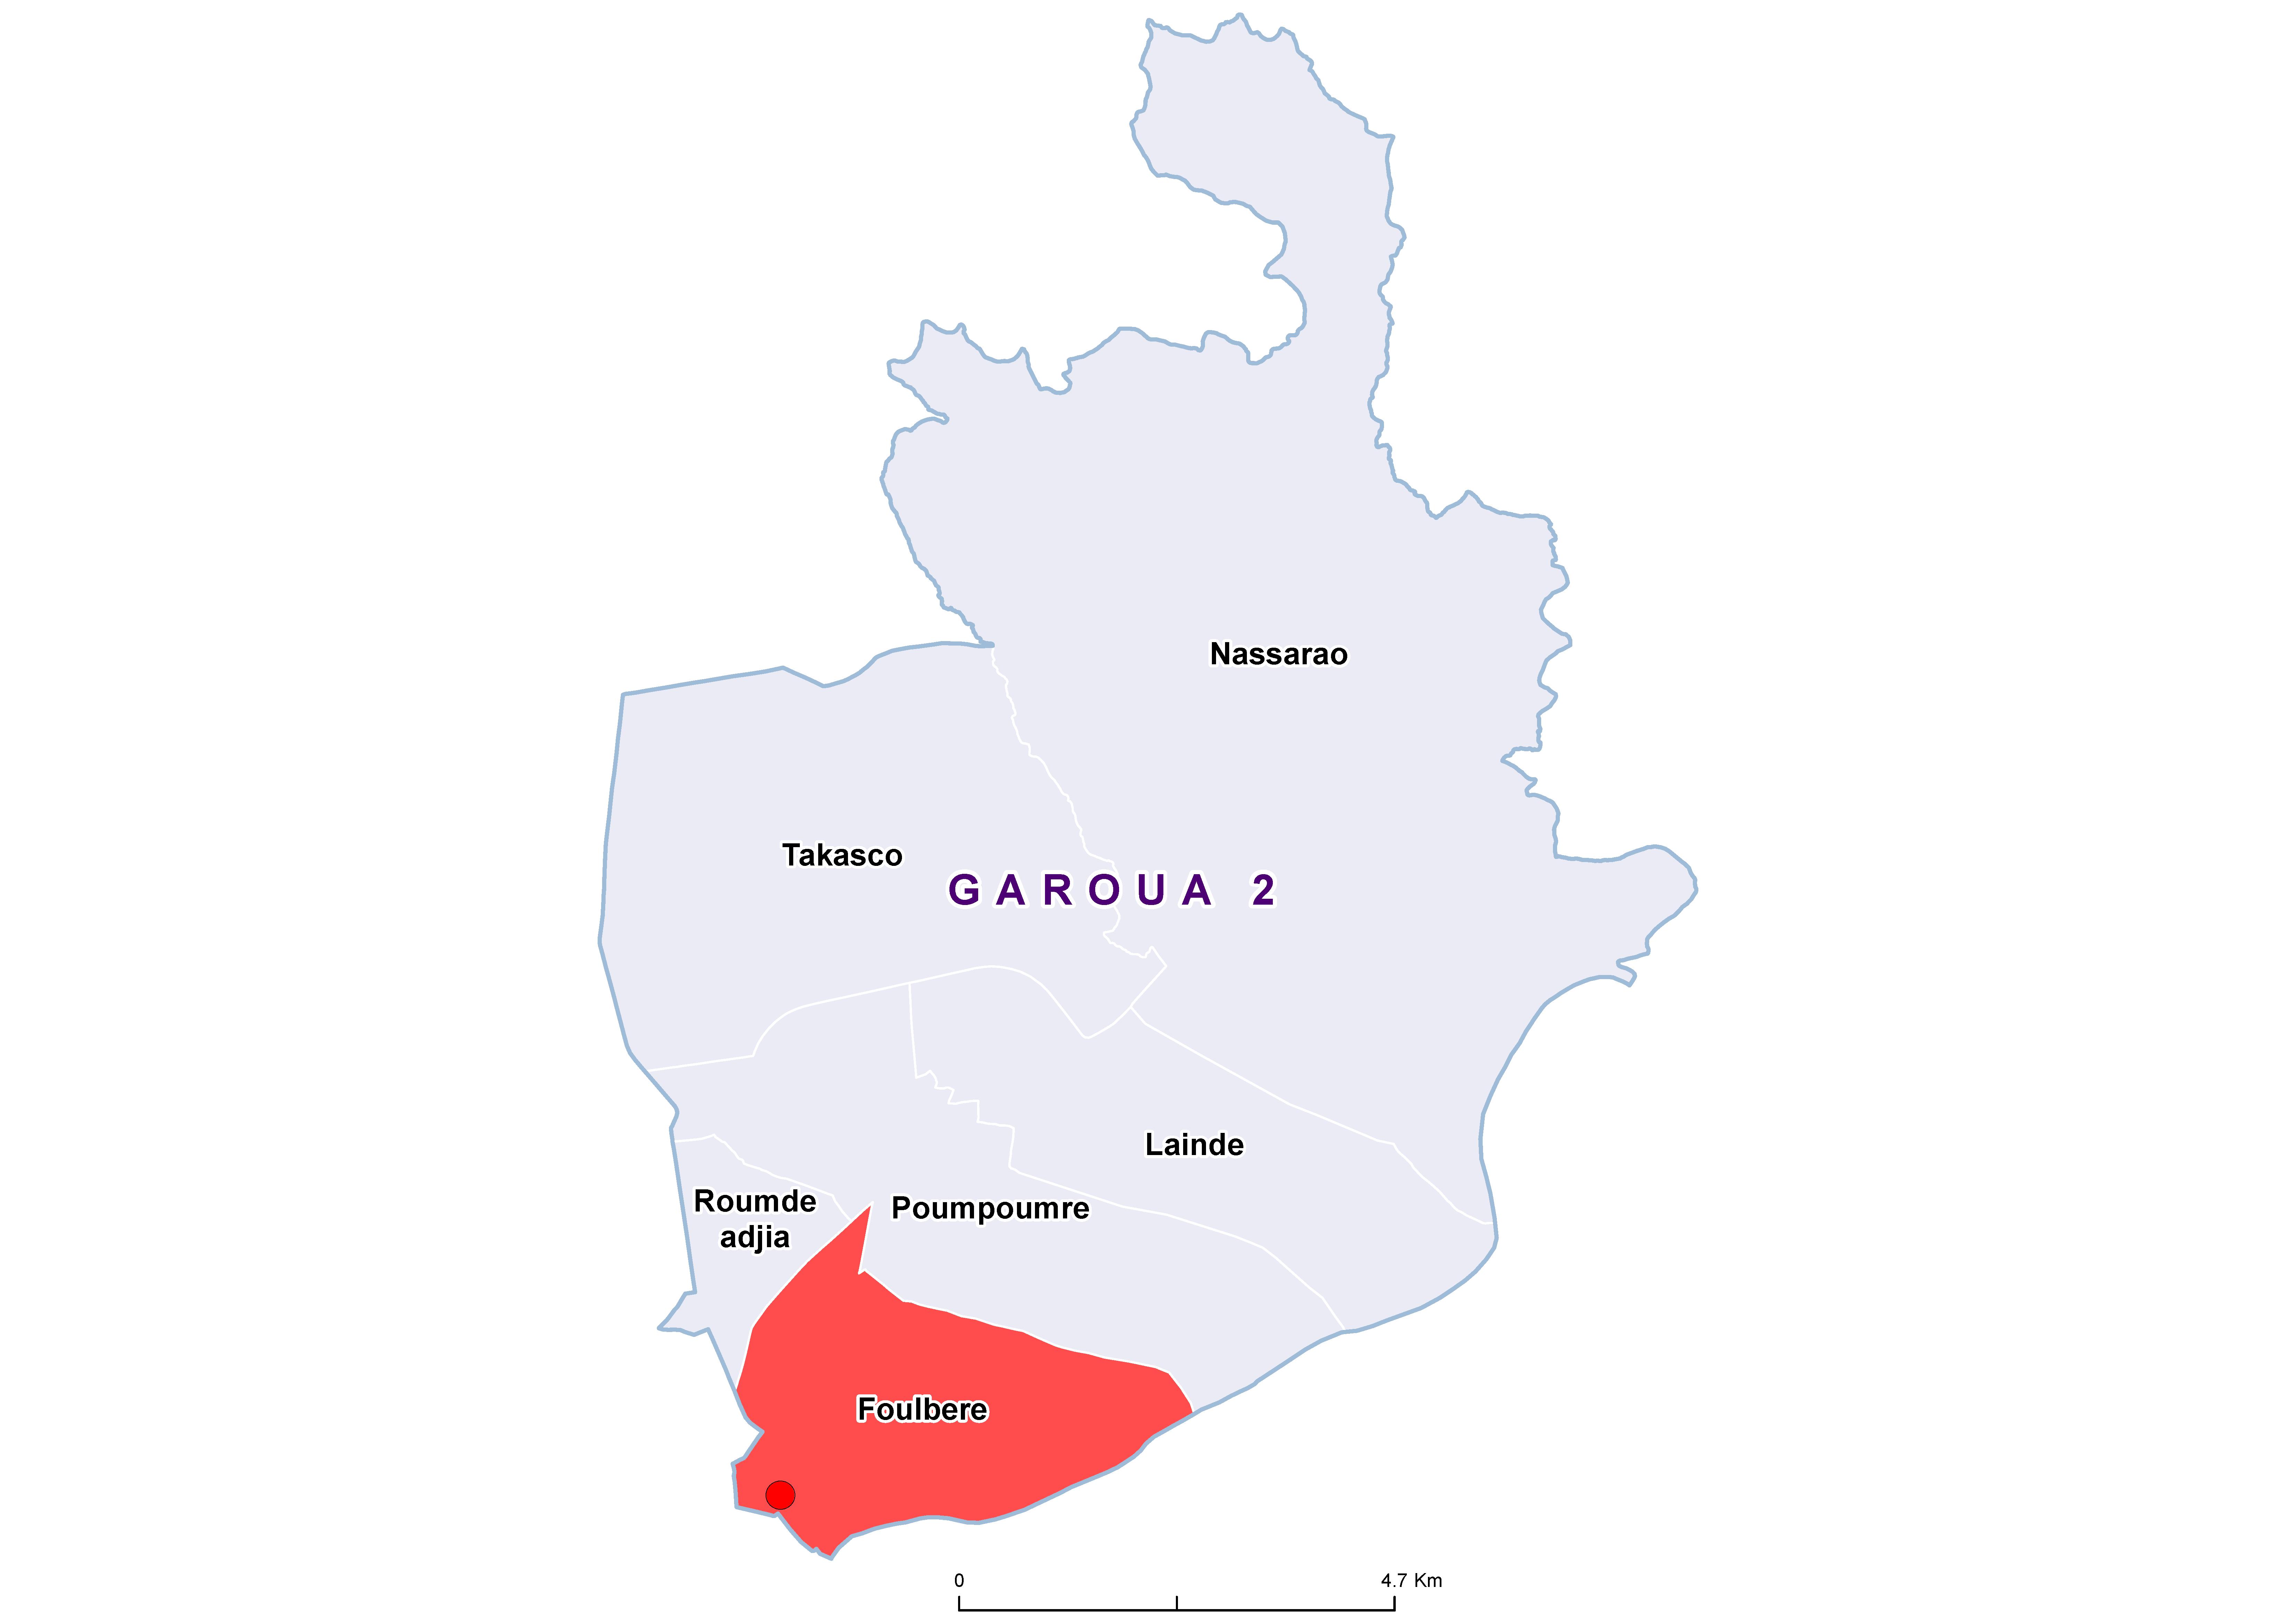 Garoua 2 SCH 19850001